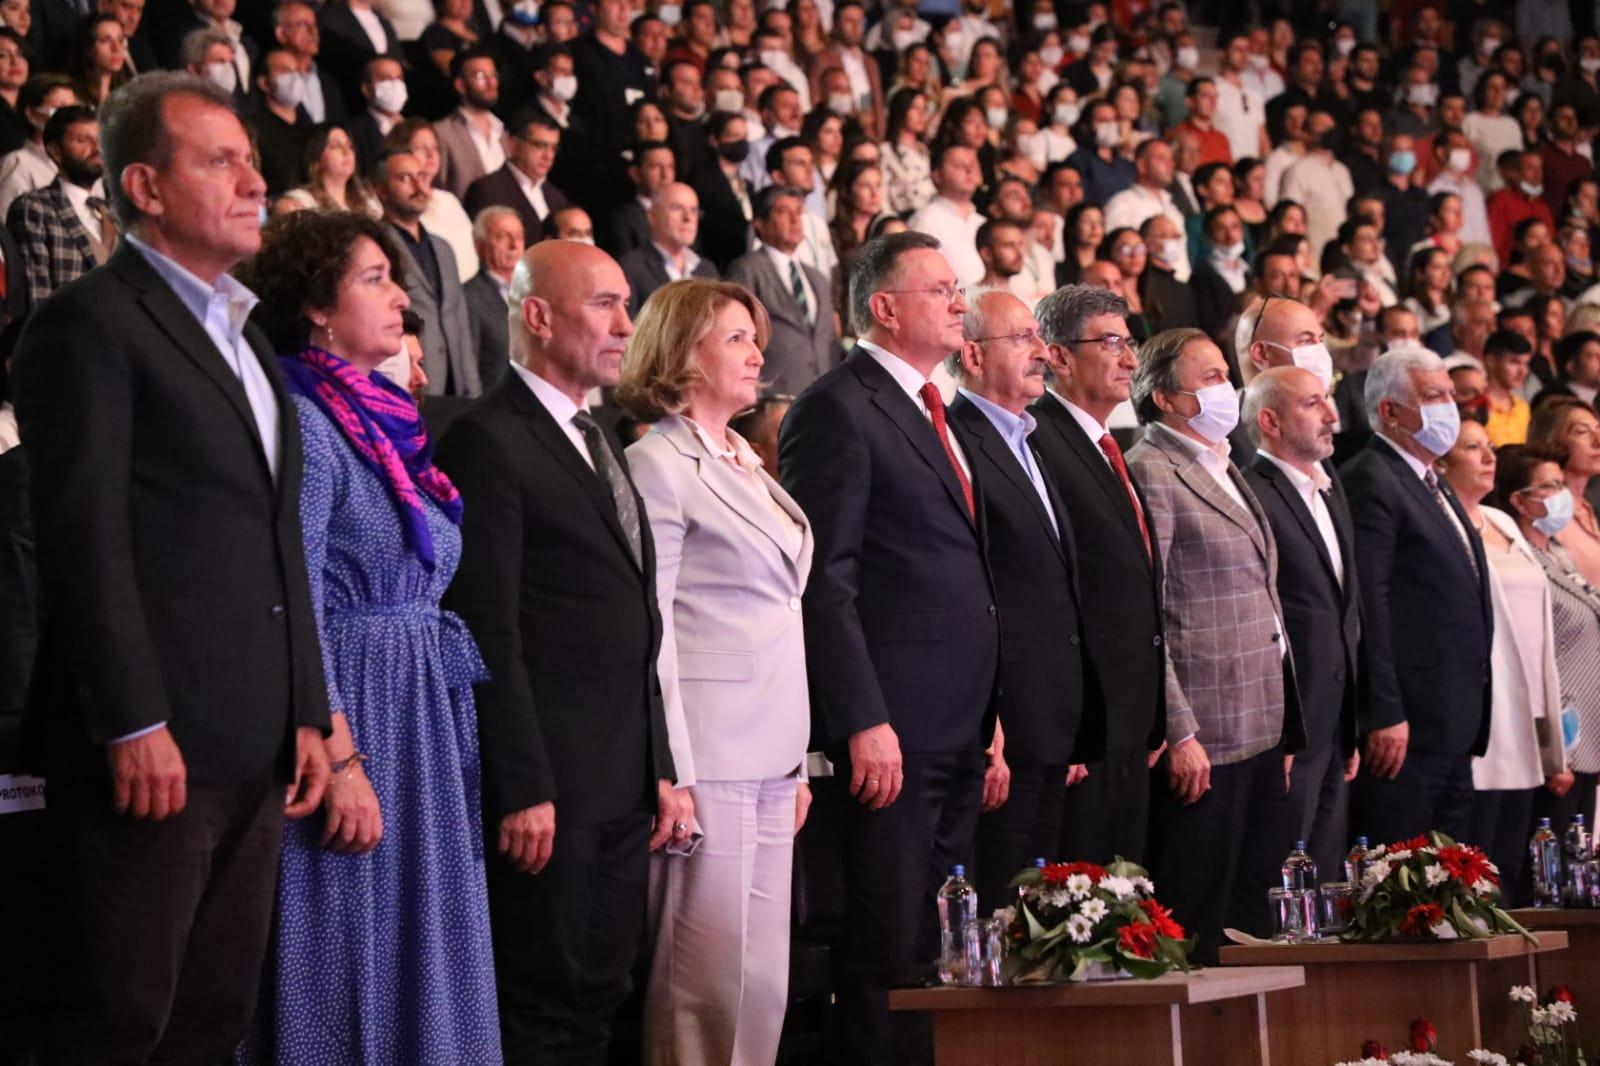 EXPO 2021 HATAY LANSMANI CHP LİDERİ KEMAL KILIÇDAROĞLU'NUN KATILIMIYLA YAPILDI